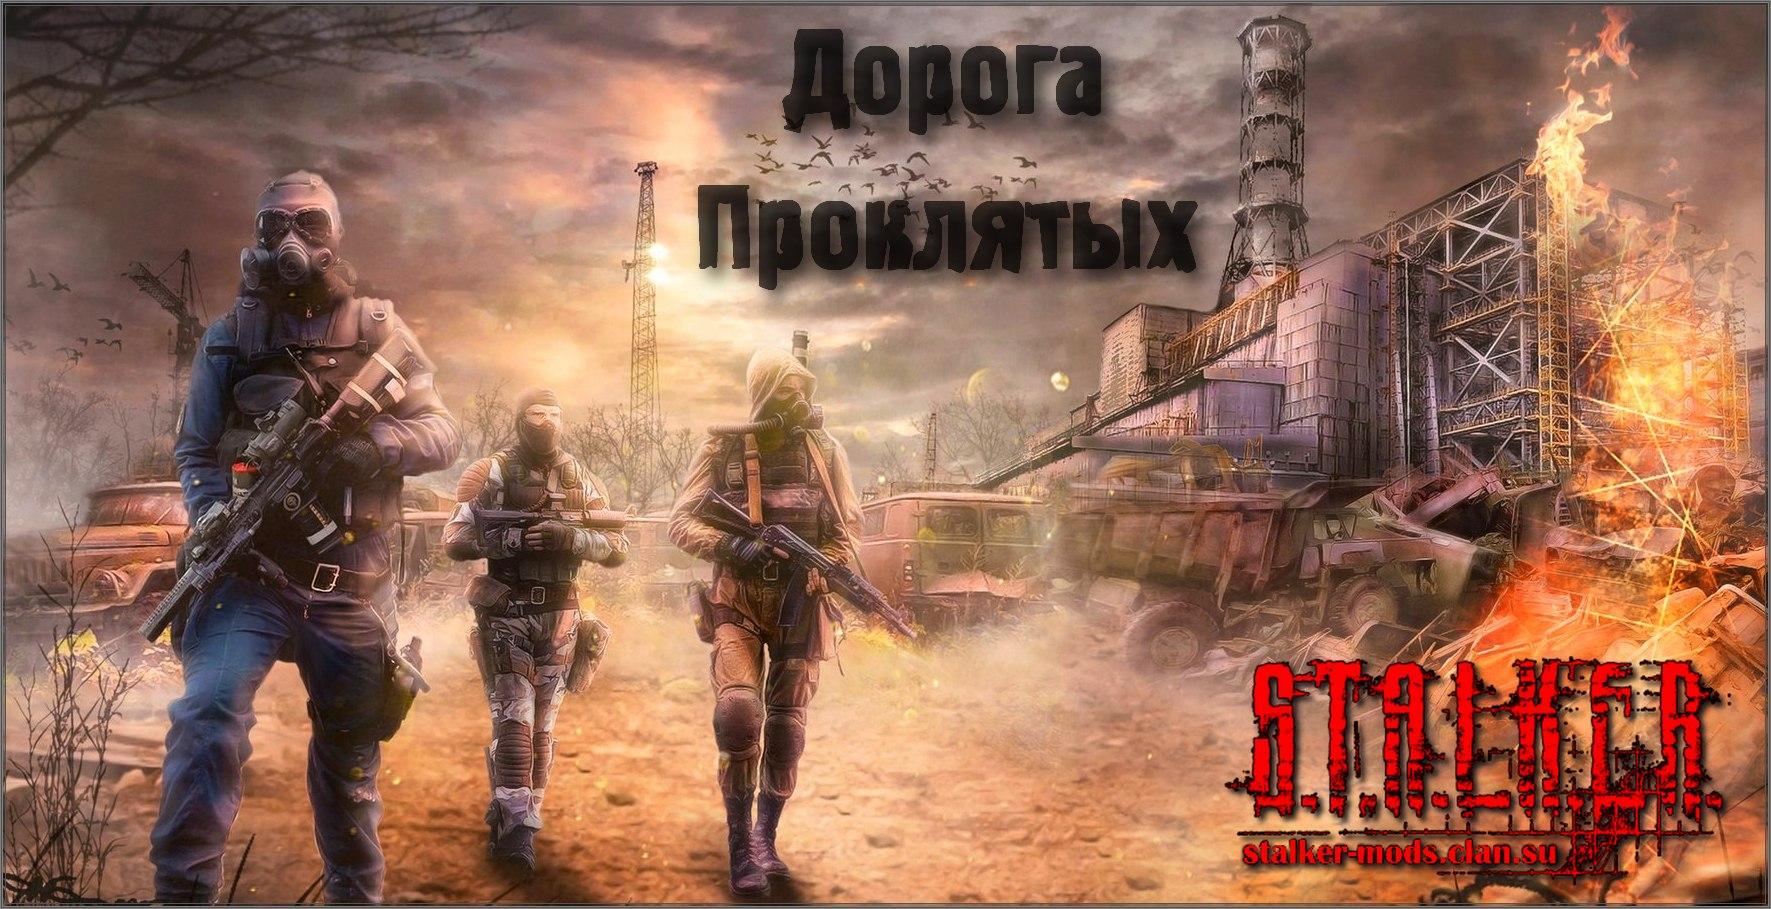 Дорога проклятых - сталкер мод на Тень Чернобыля